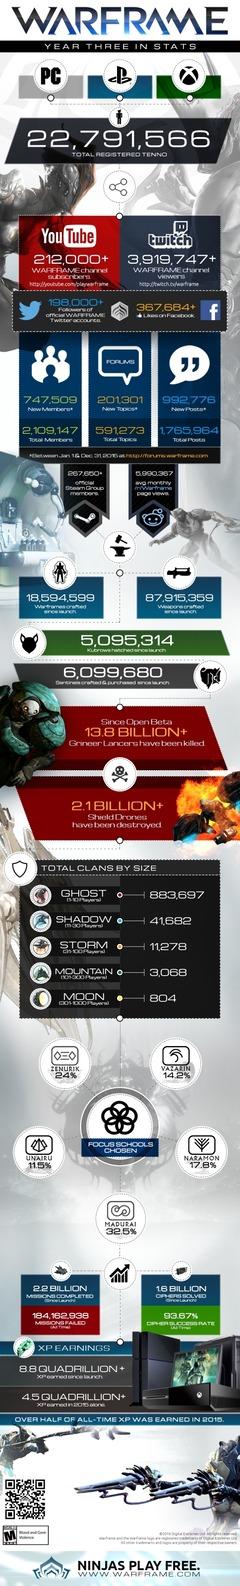 Warframe célèbre son 3ème anniversaire avec plus de 22 millions de joueurs